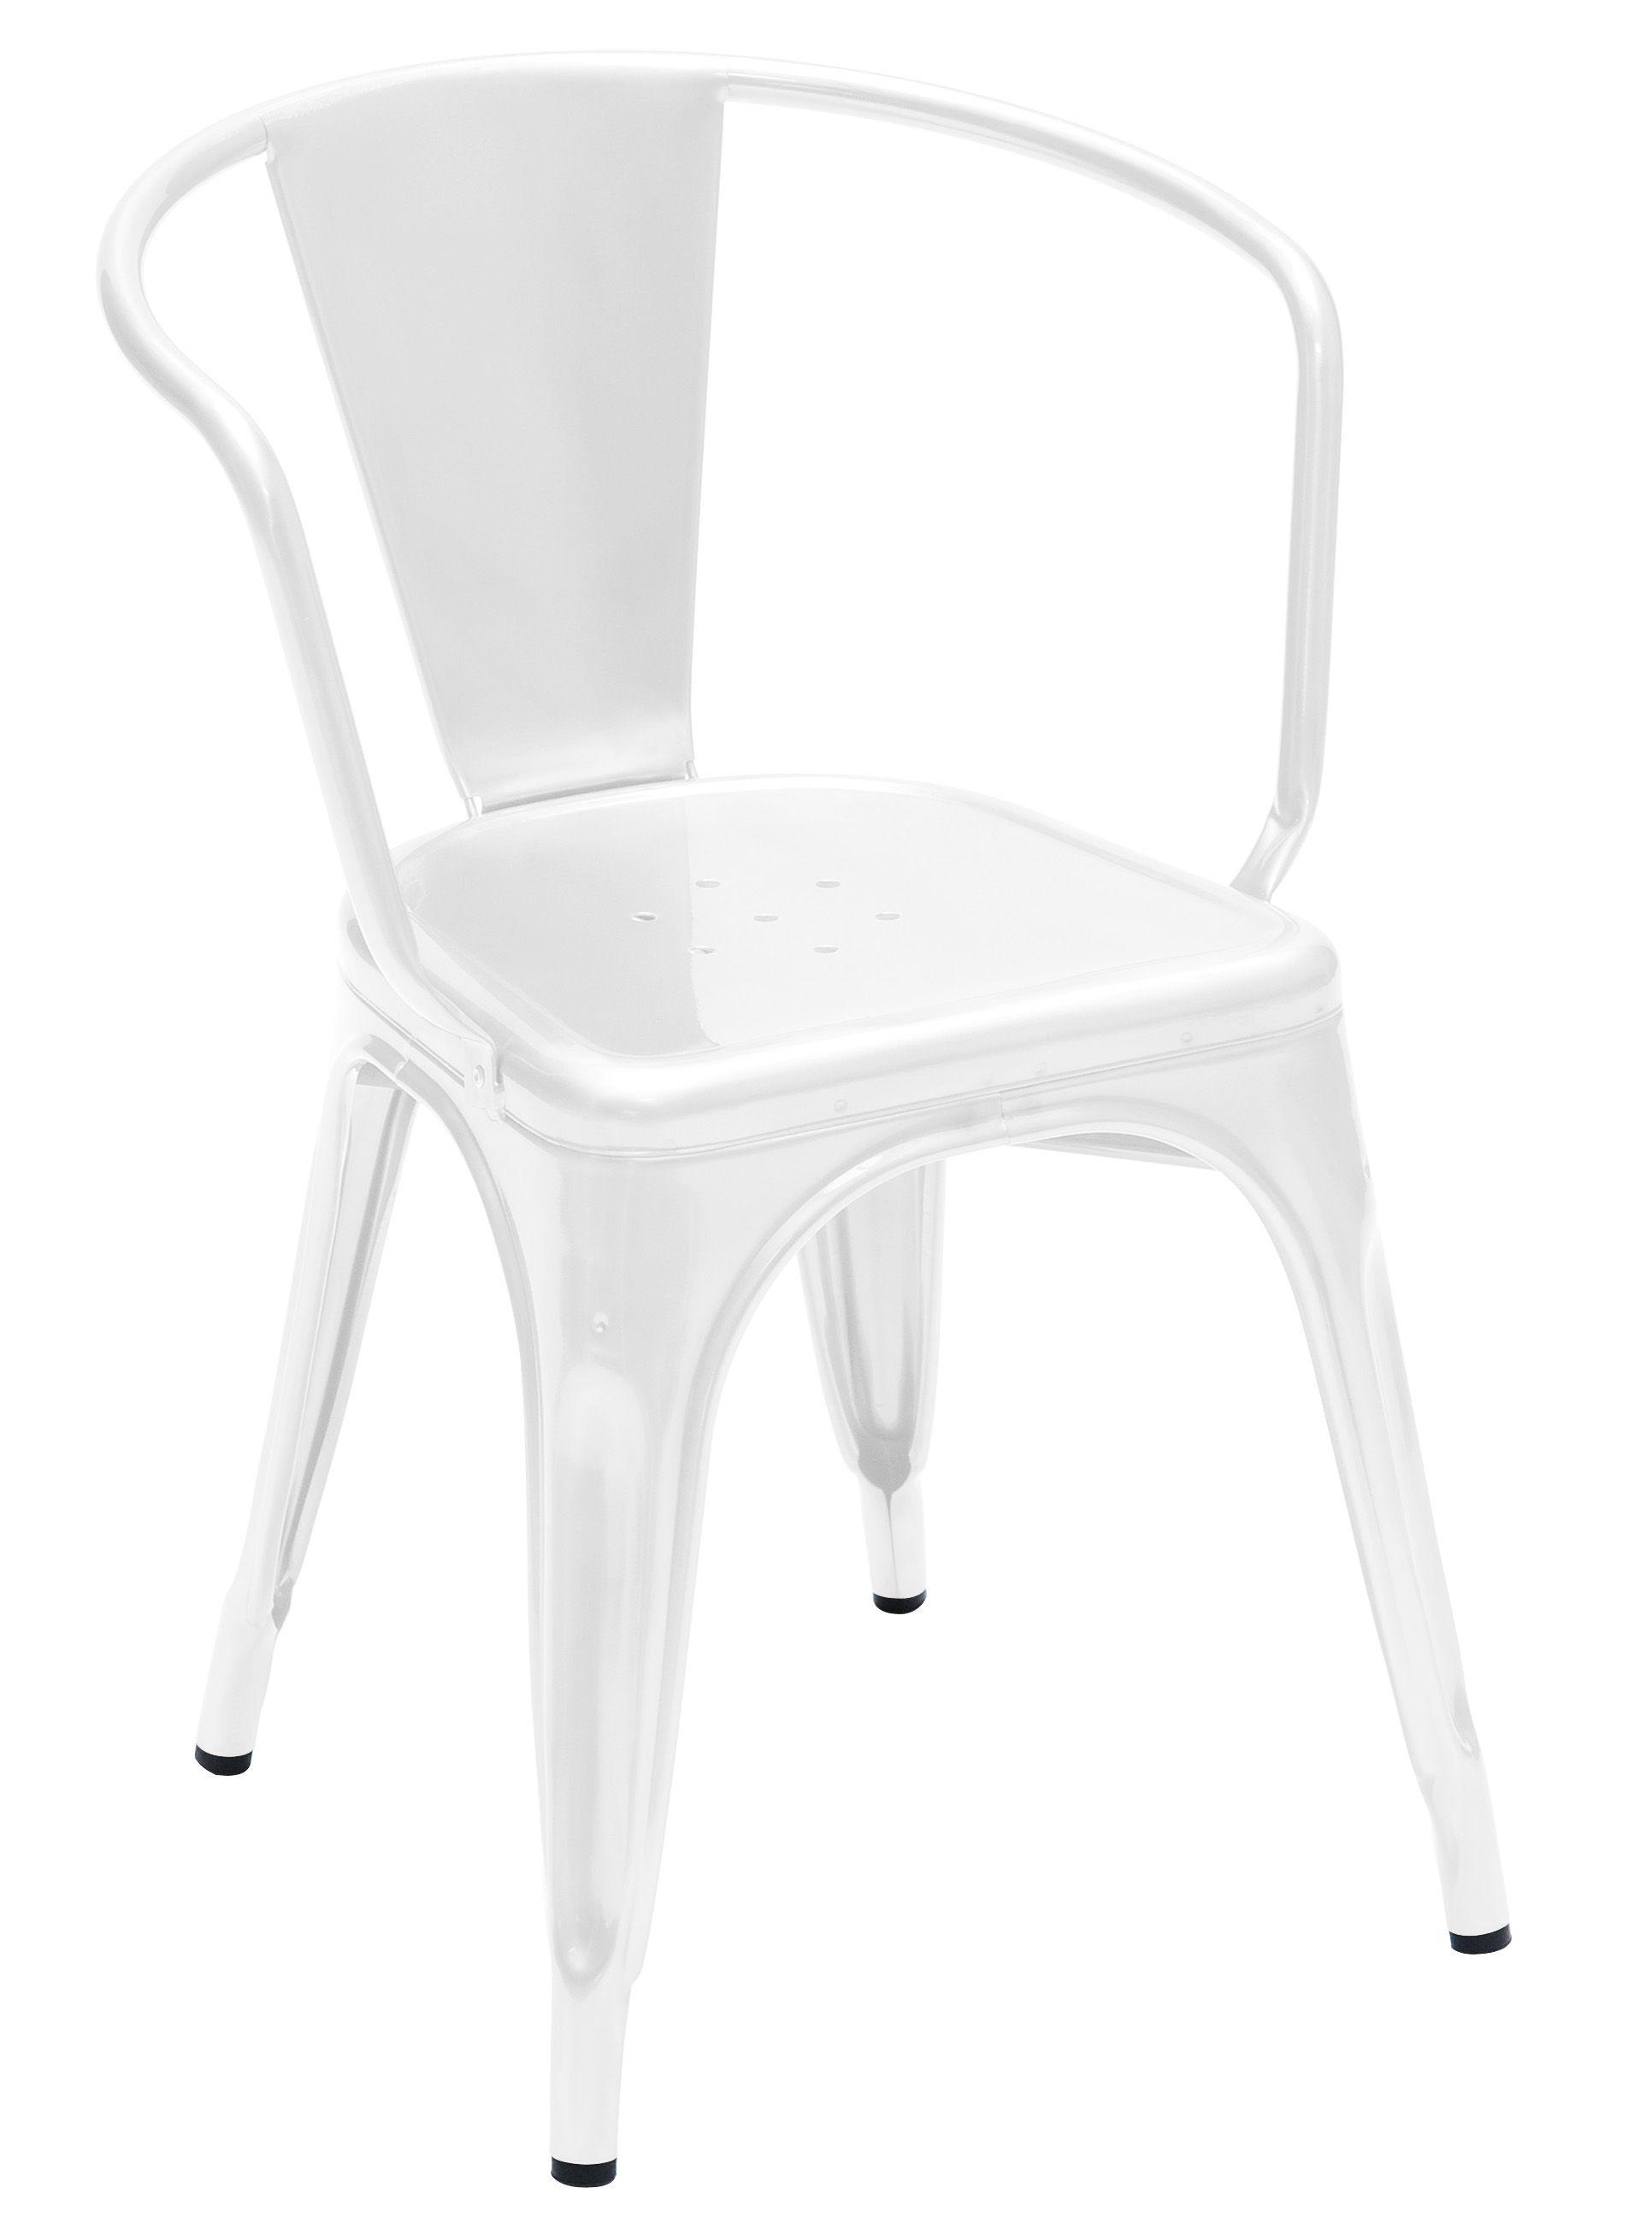 Mobilier - Chaises, fauteuils de salle à manger - Fauteuil A56 empilable / Acier - Couleur brillante - Intérieur - Tolix - Blanc - Acier laqué